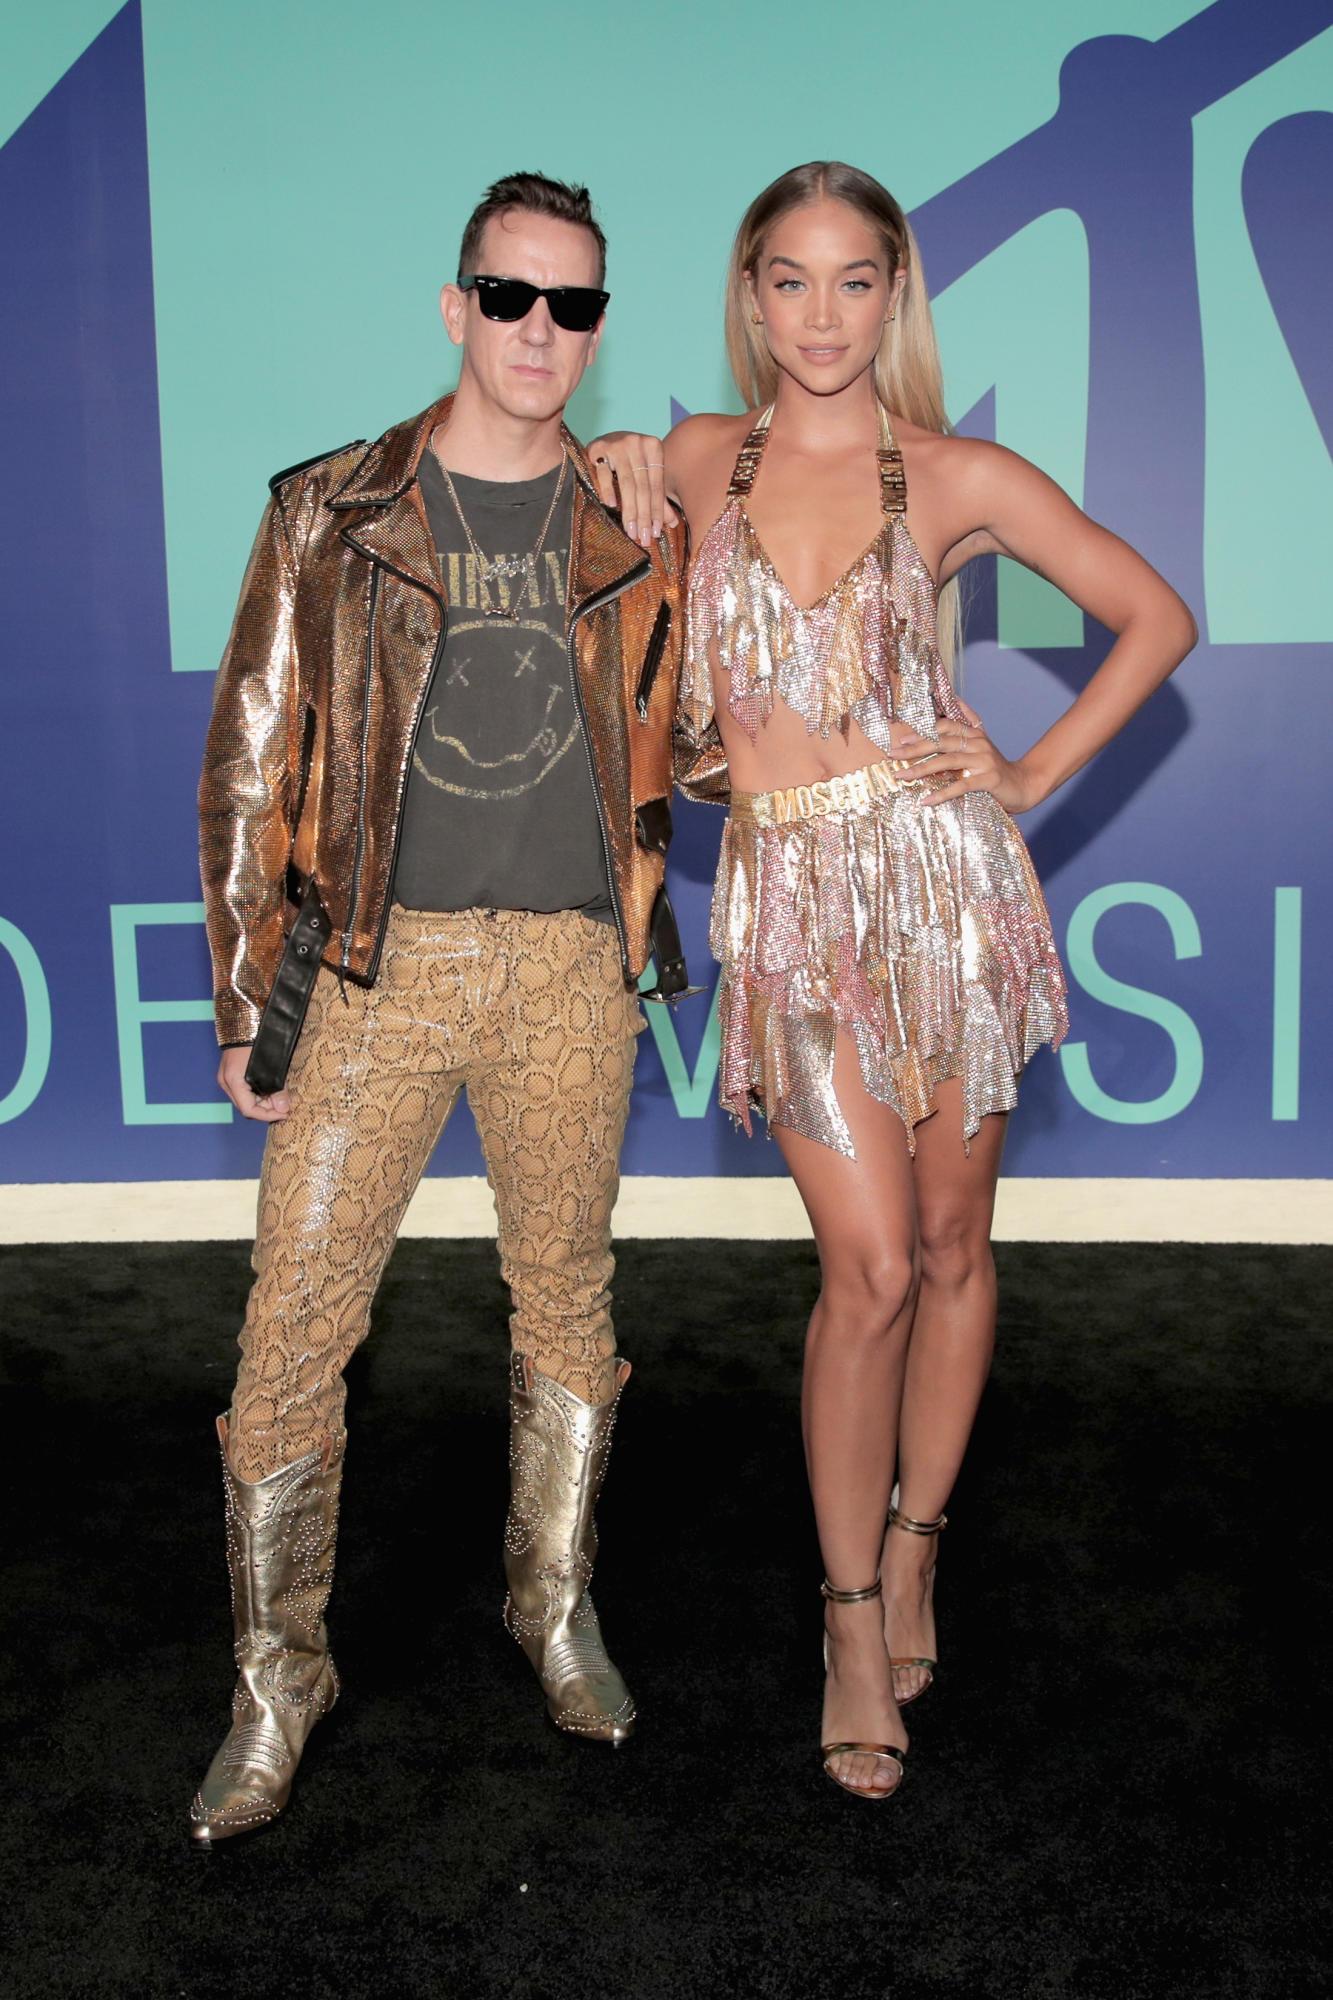 Jeremy Scott keeping the VMA's Rock 'n' Roll